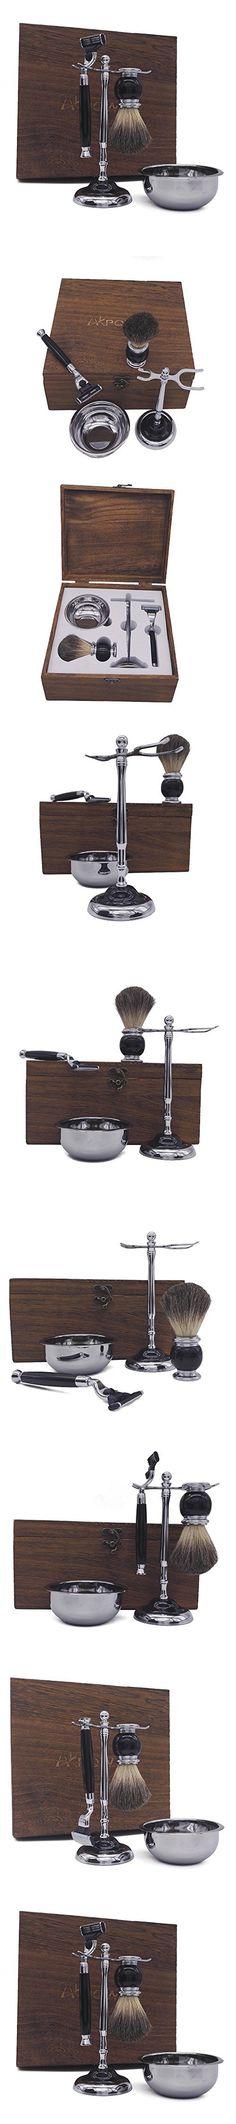 AKPOWER Shaving Gift Set for Men, Badger Brush, Bowl, Stand and Cartridge Razor Black